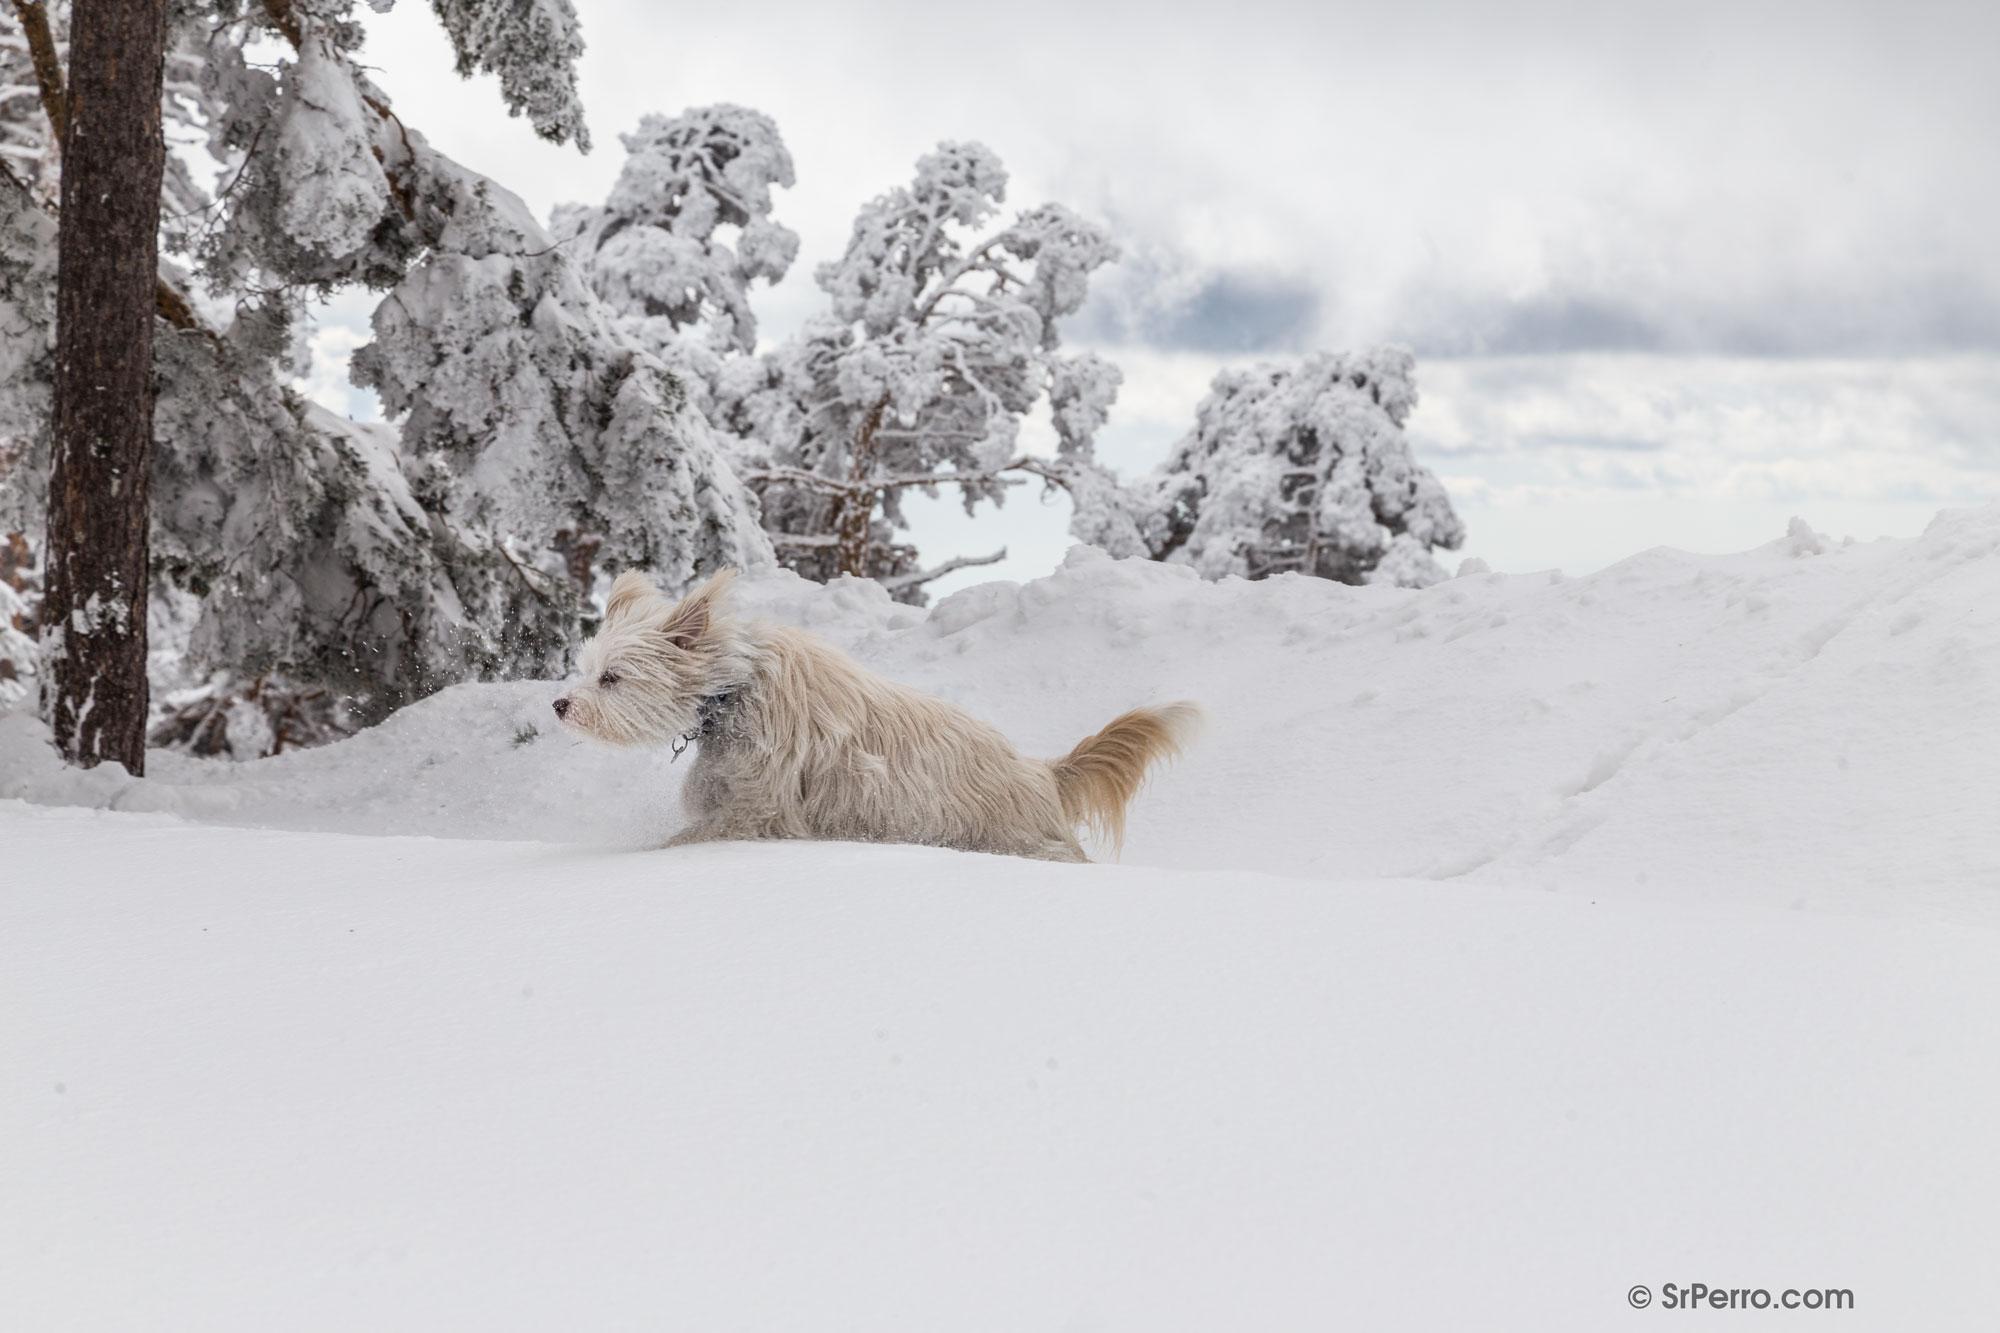 bd1effc983 Nieve, frío y perros: algunos consejos básicos para los paseos de invierno